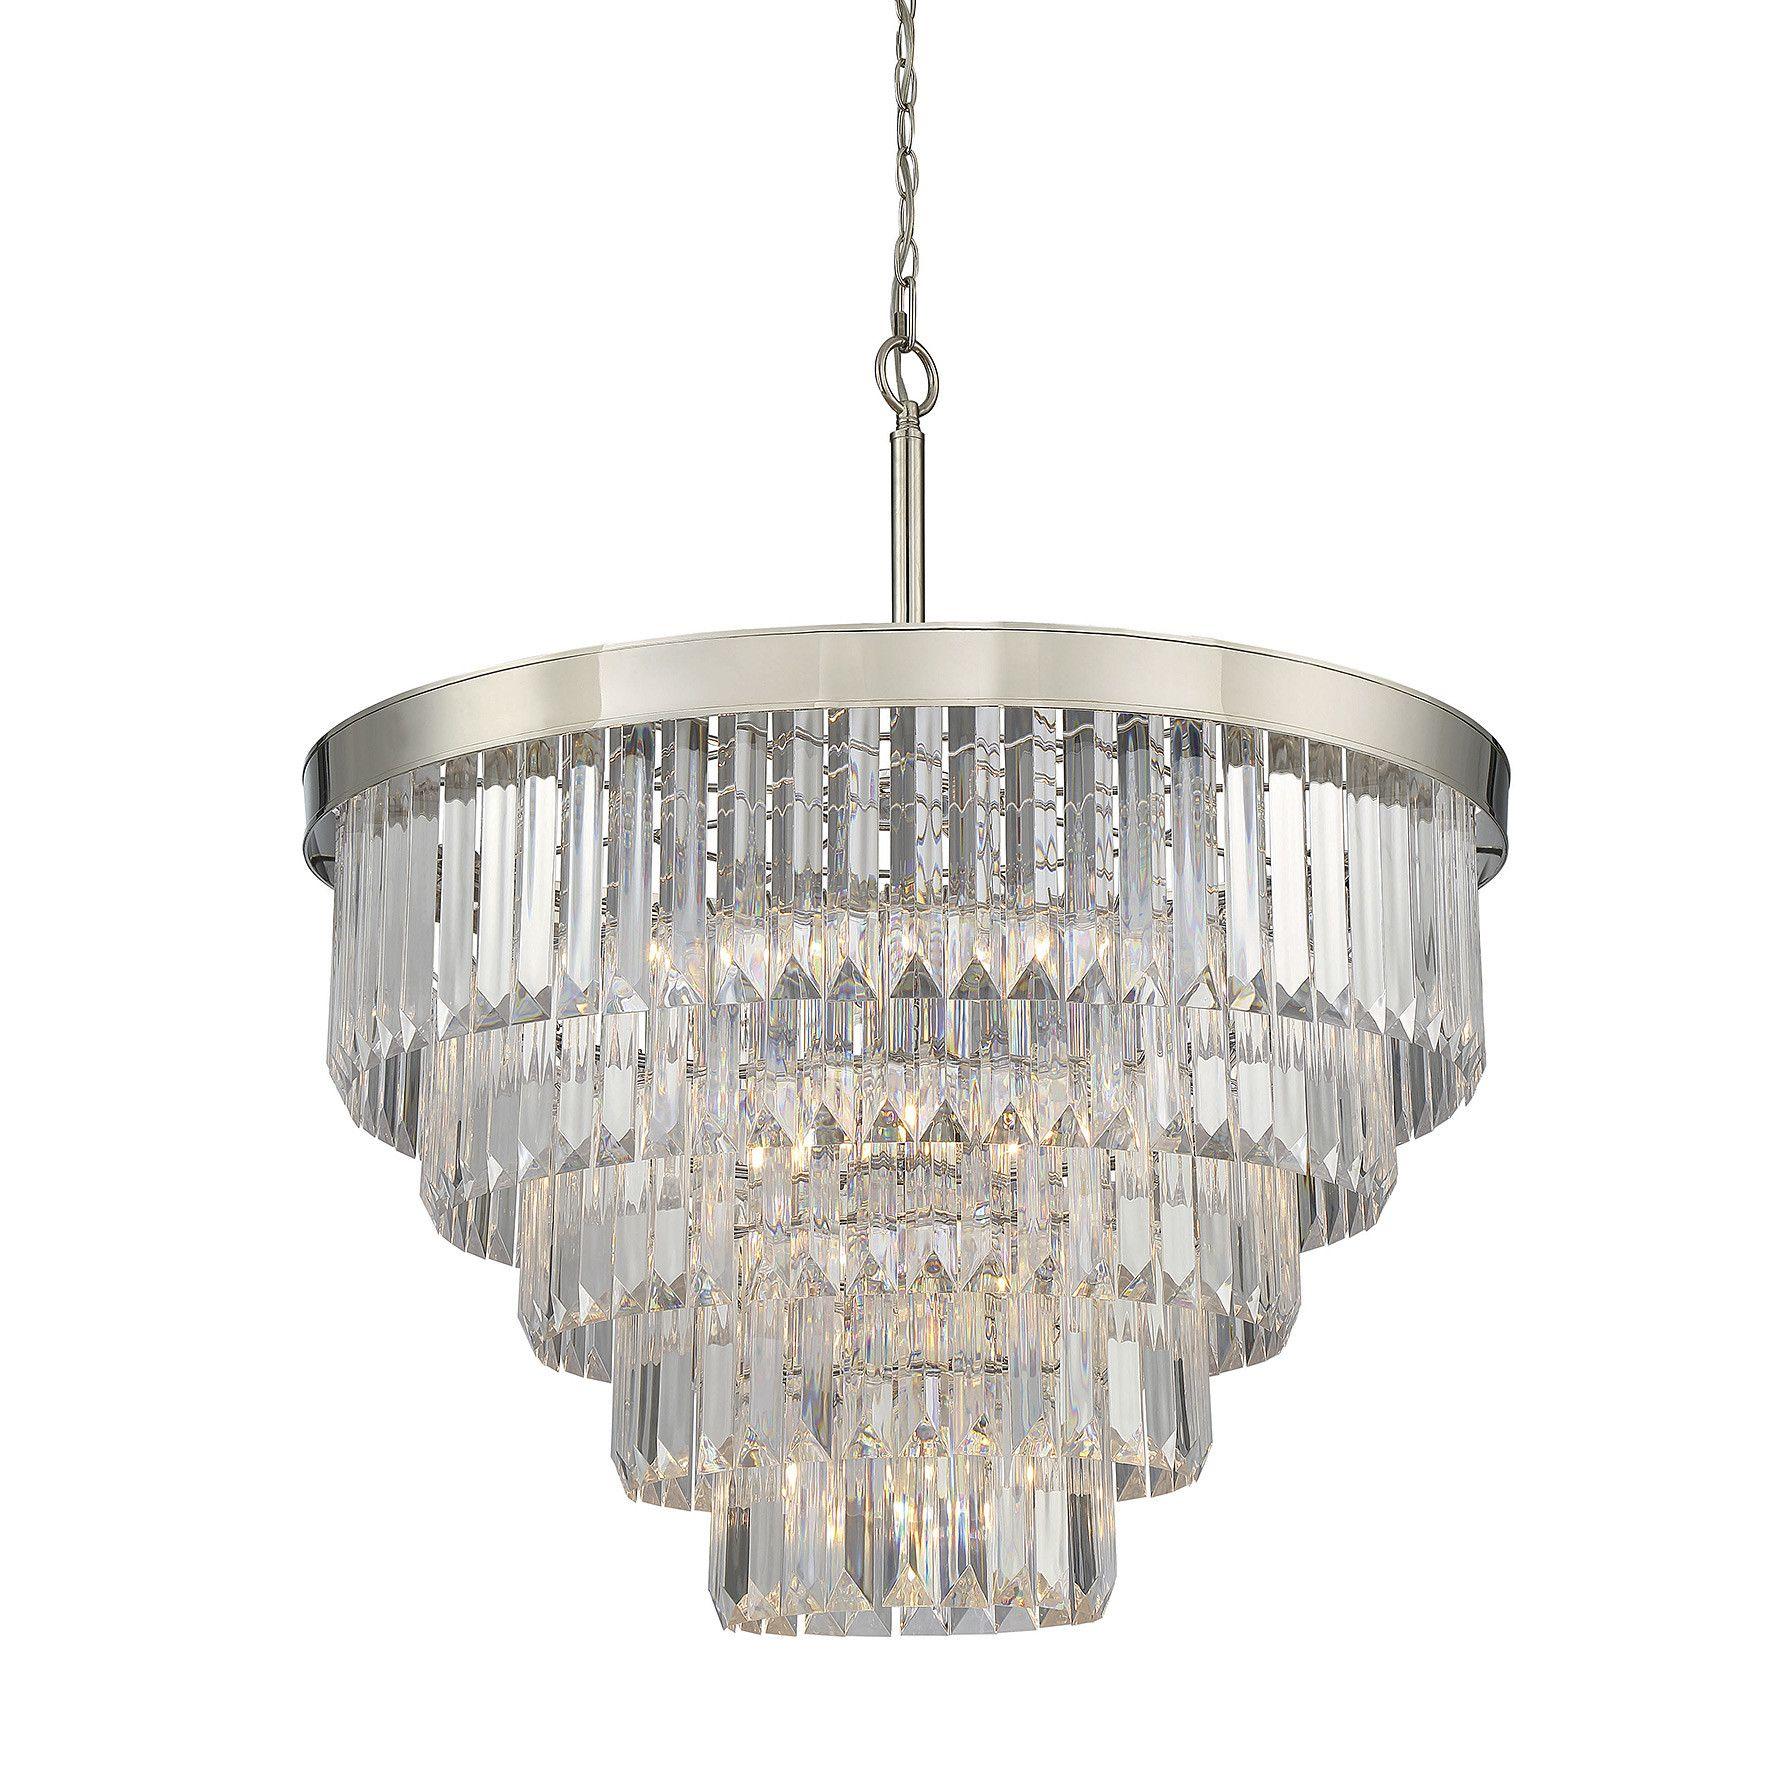 Image result for Westwood 9 Light Crystal Chandelier